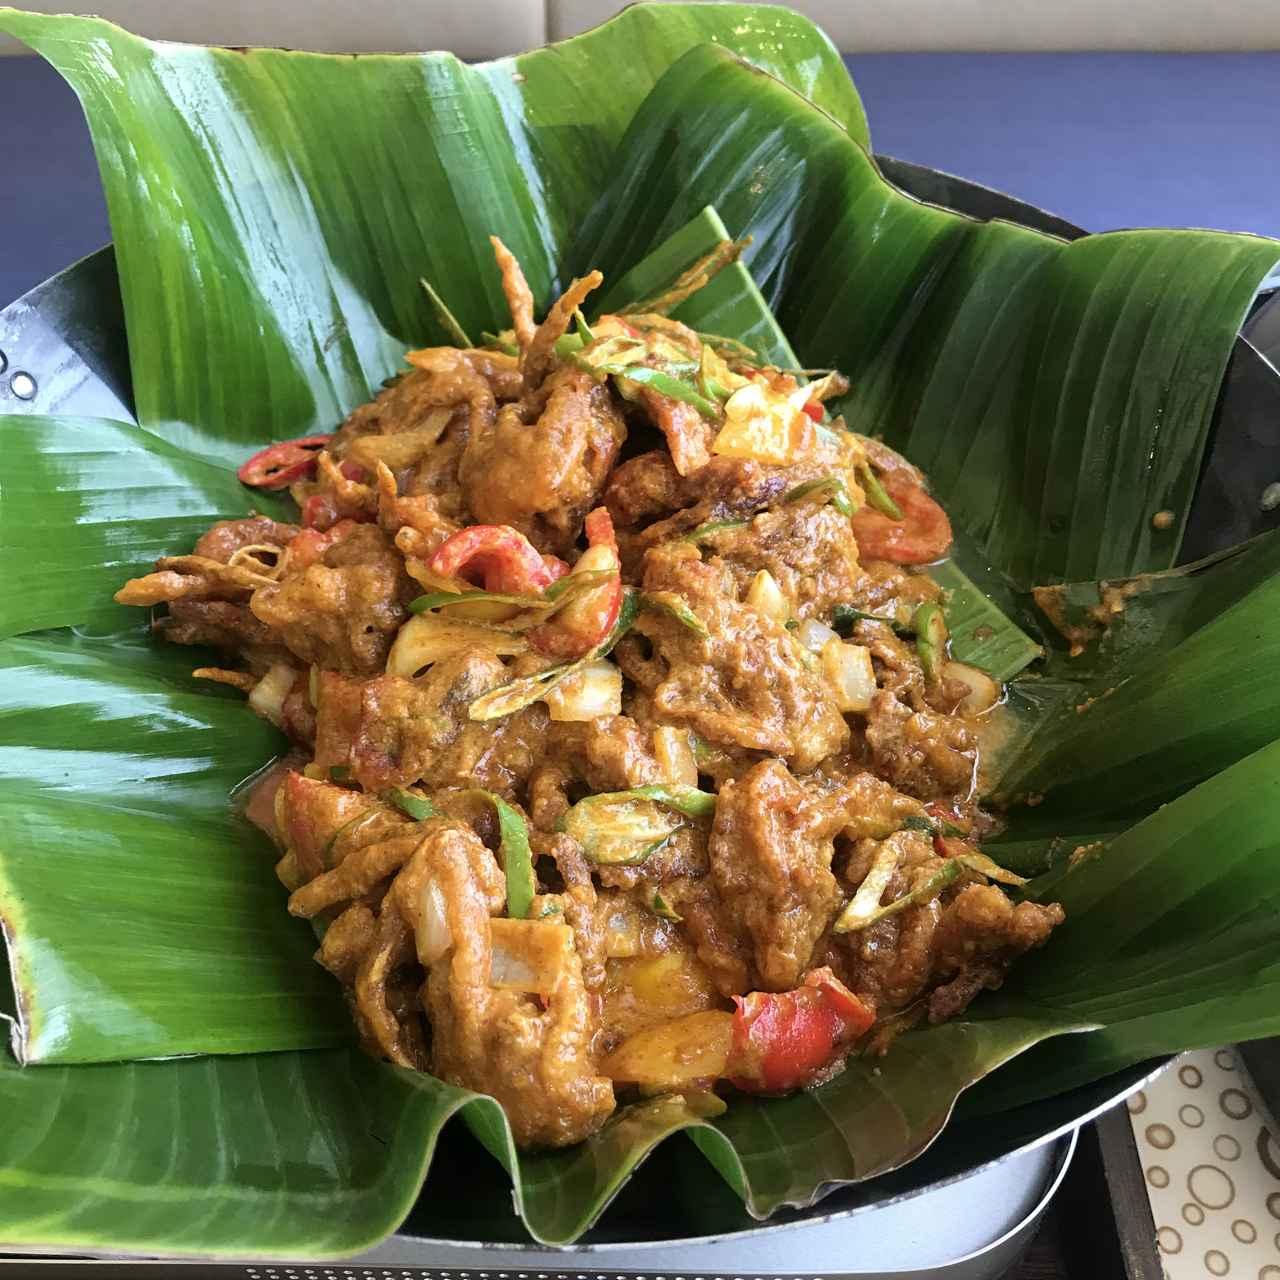 画像2: 9月限定・本格タイ料理が楽しめる『タイフードブッフェbyシェフX』開催